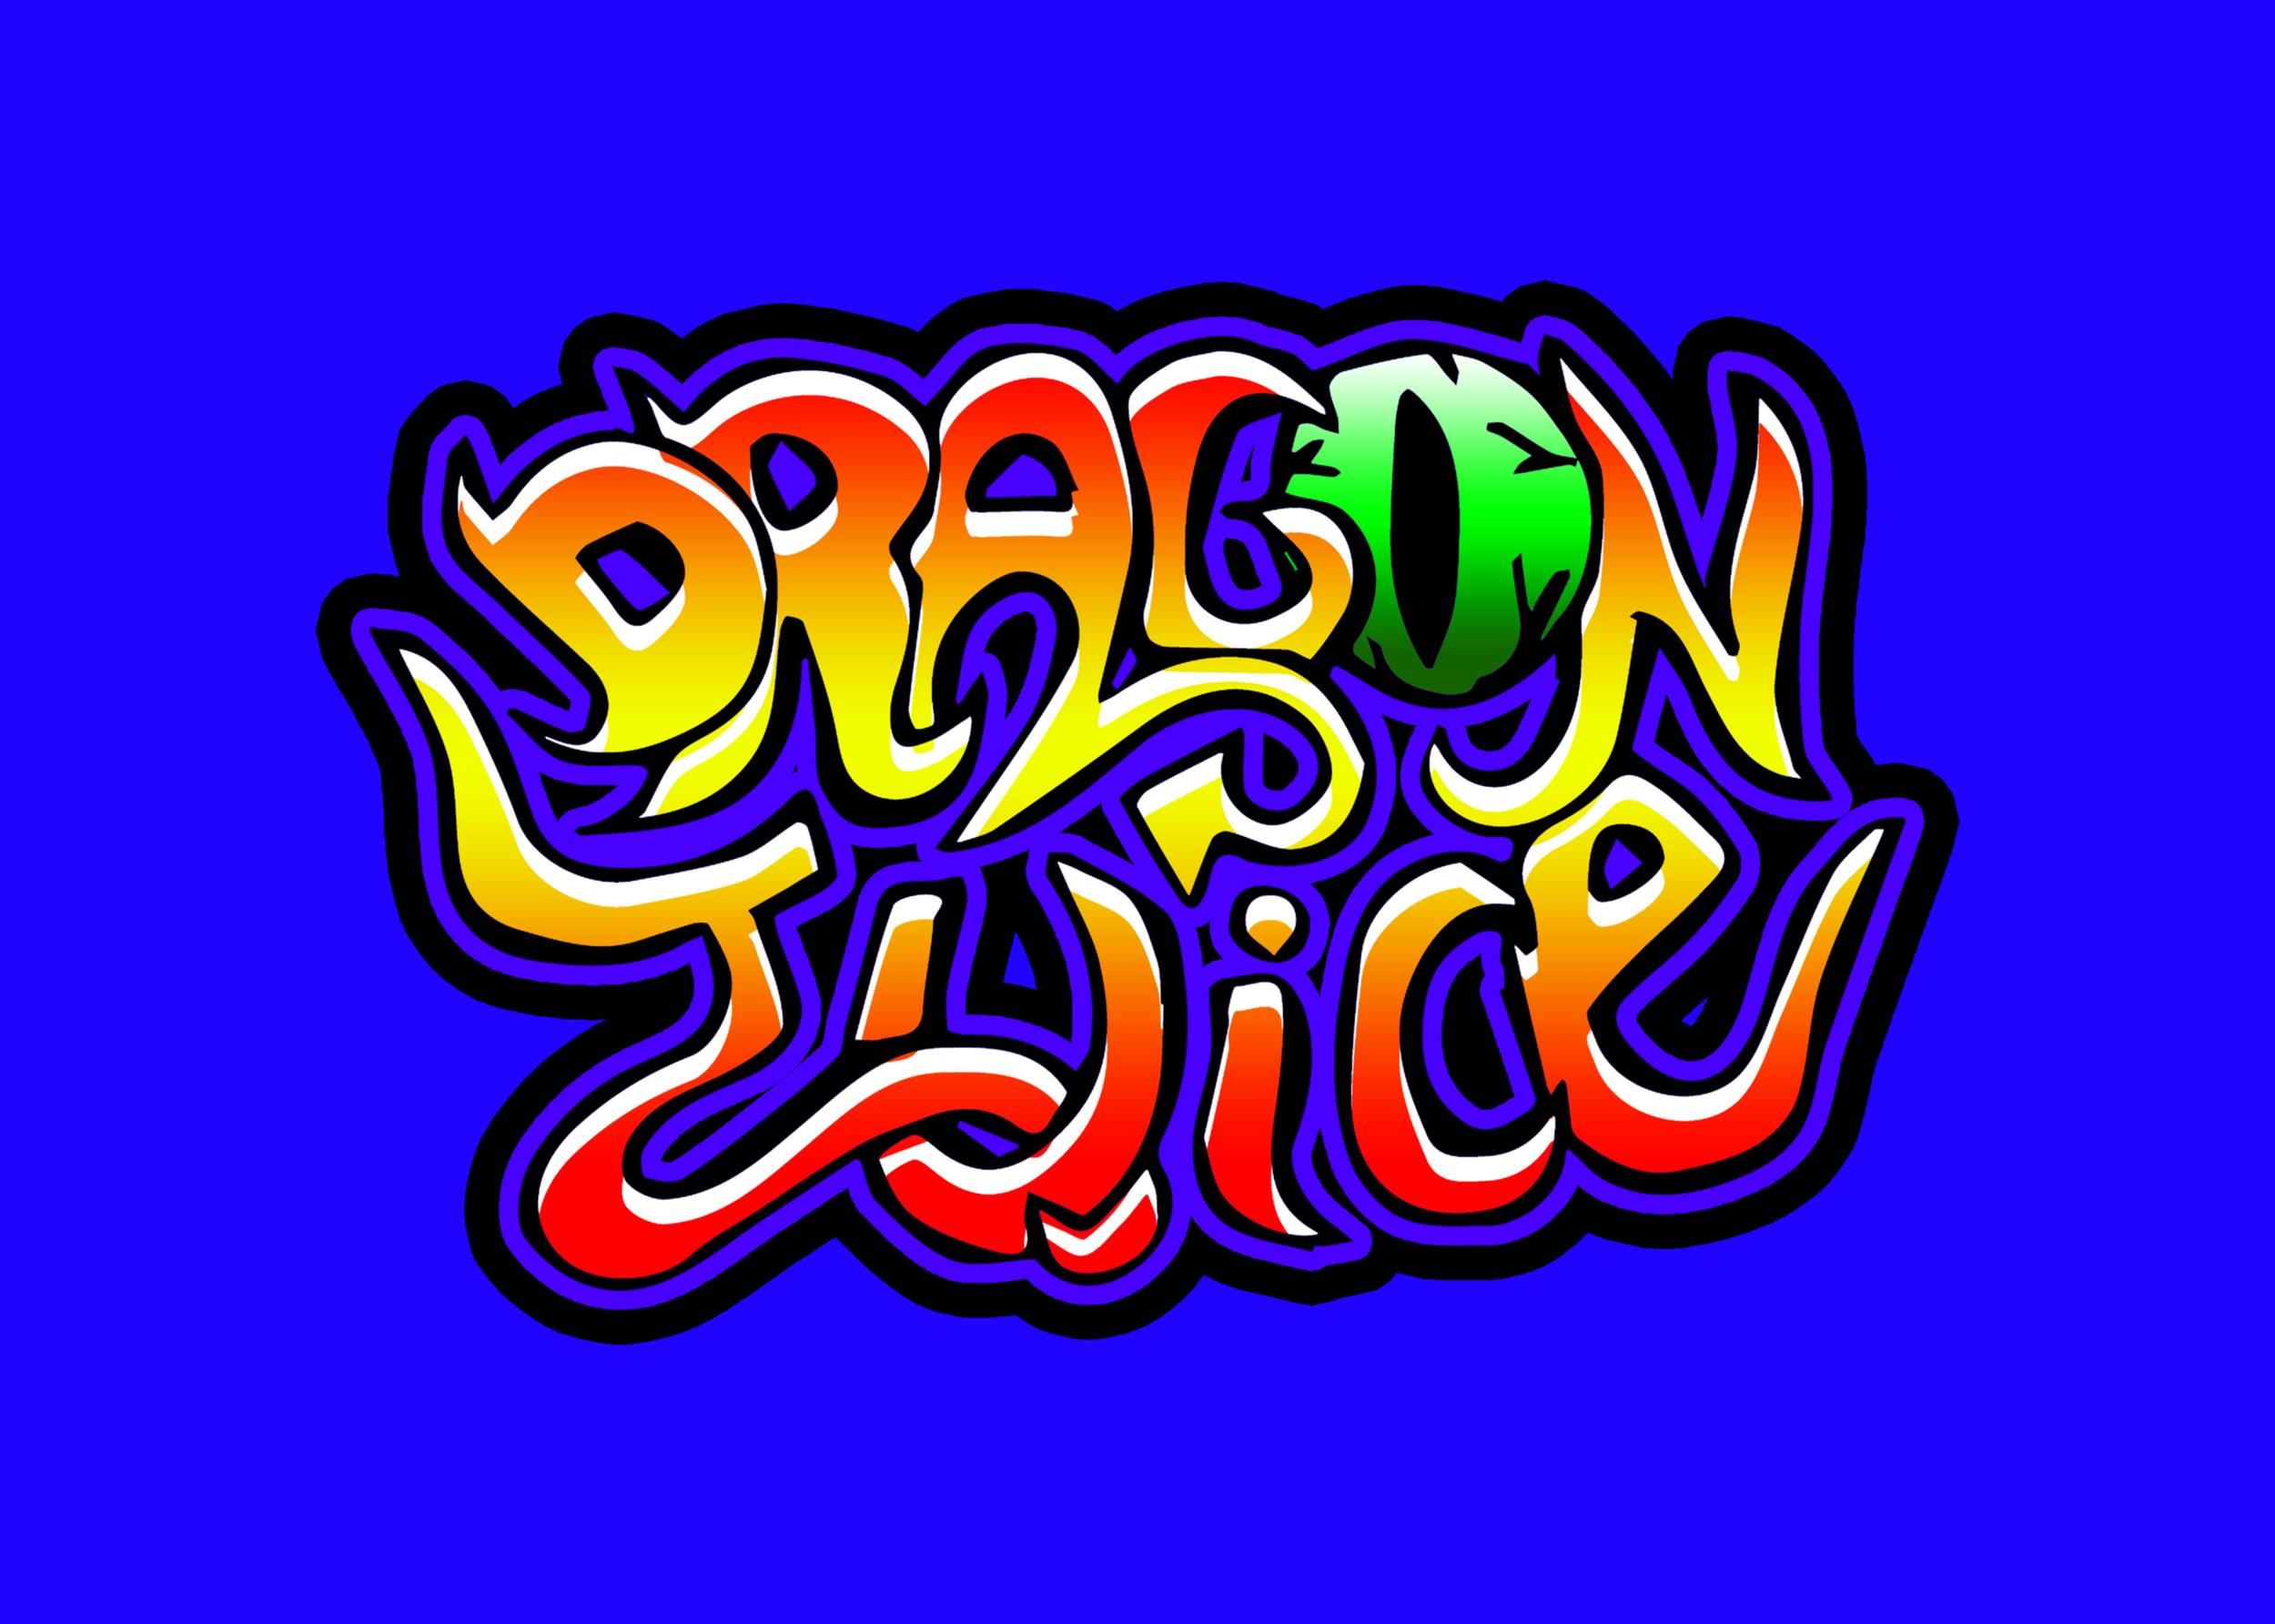 dragonjuice2.png